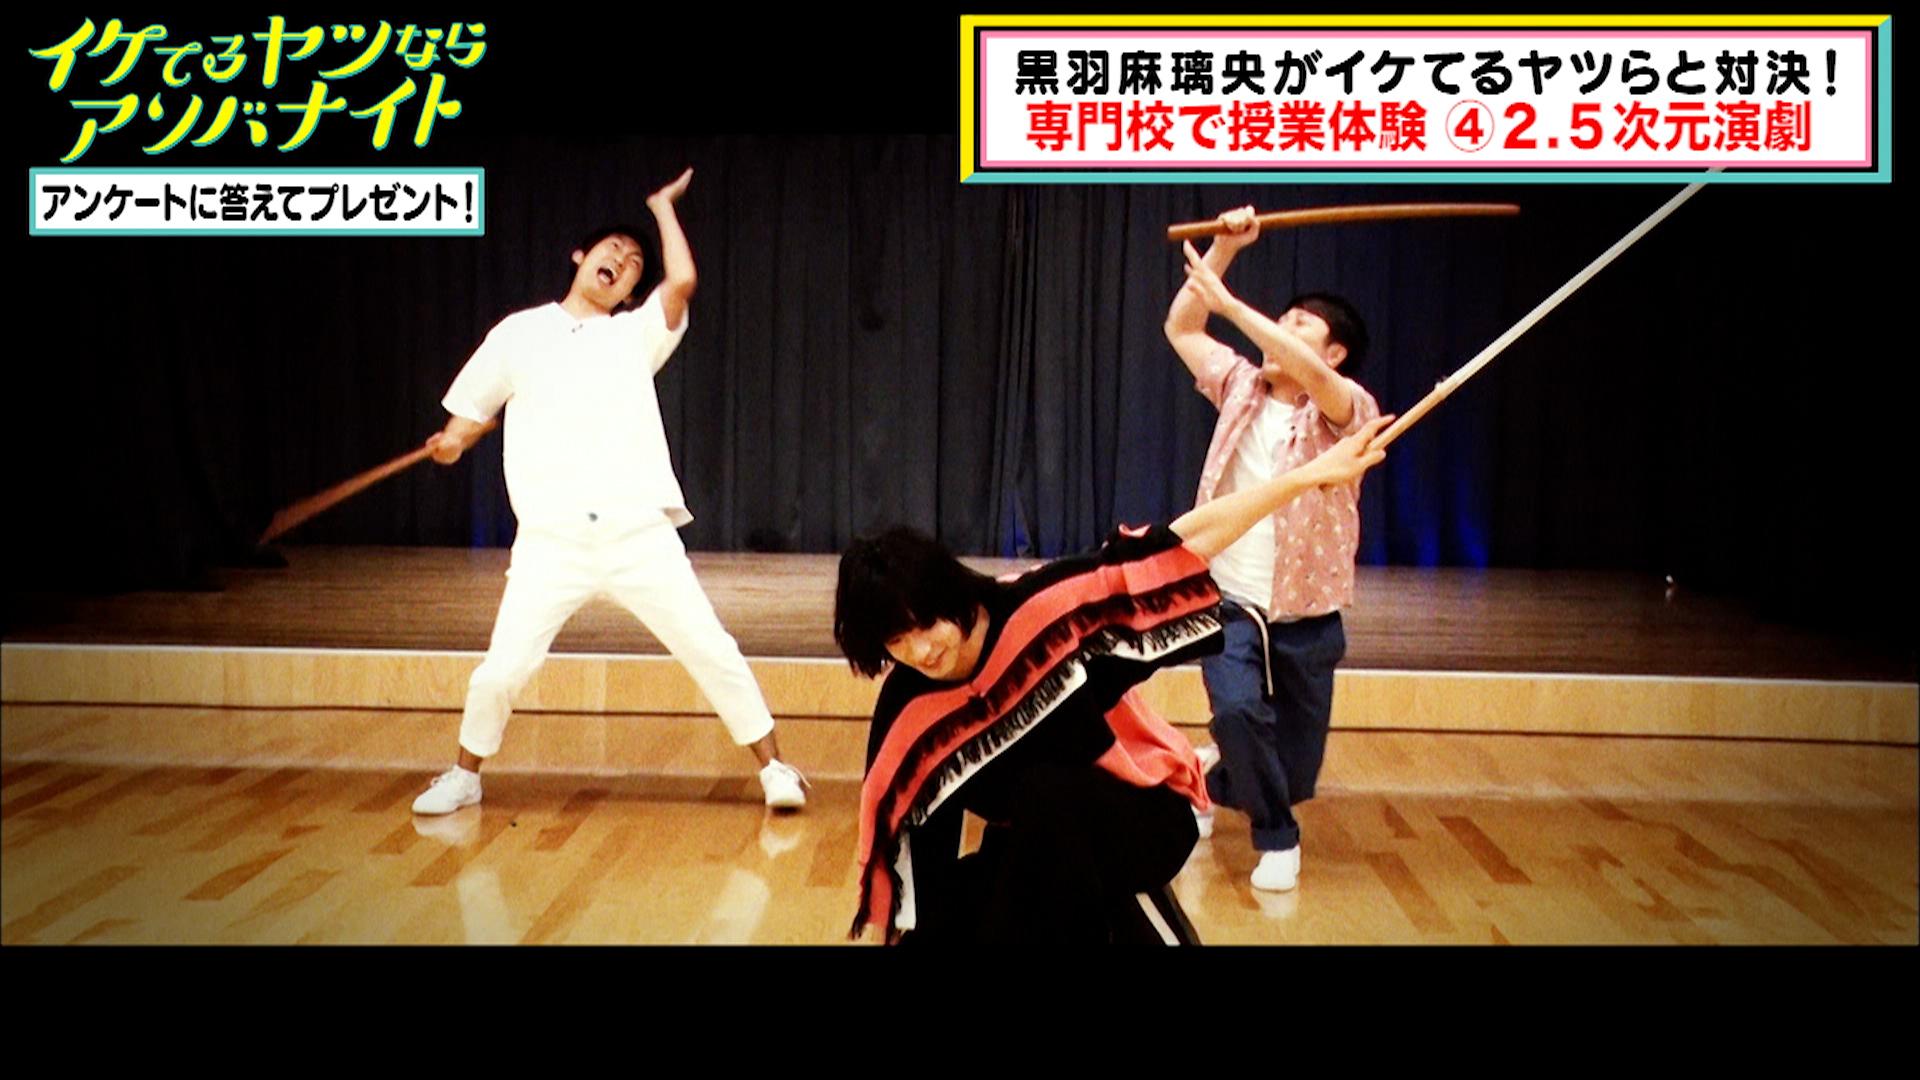 黒羽麻璃央出演のロケバラエティ『イケてるヤツならアソバナイト』最新回、ゲストは小野賢章とNON STYLE イメージ画像